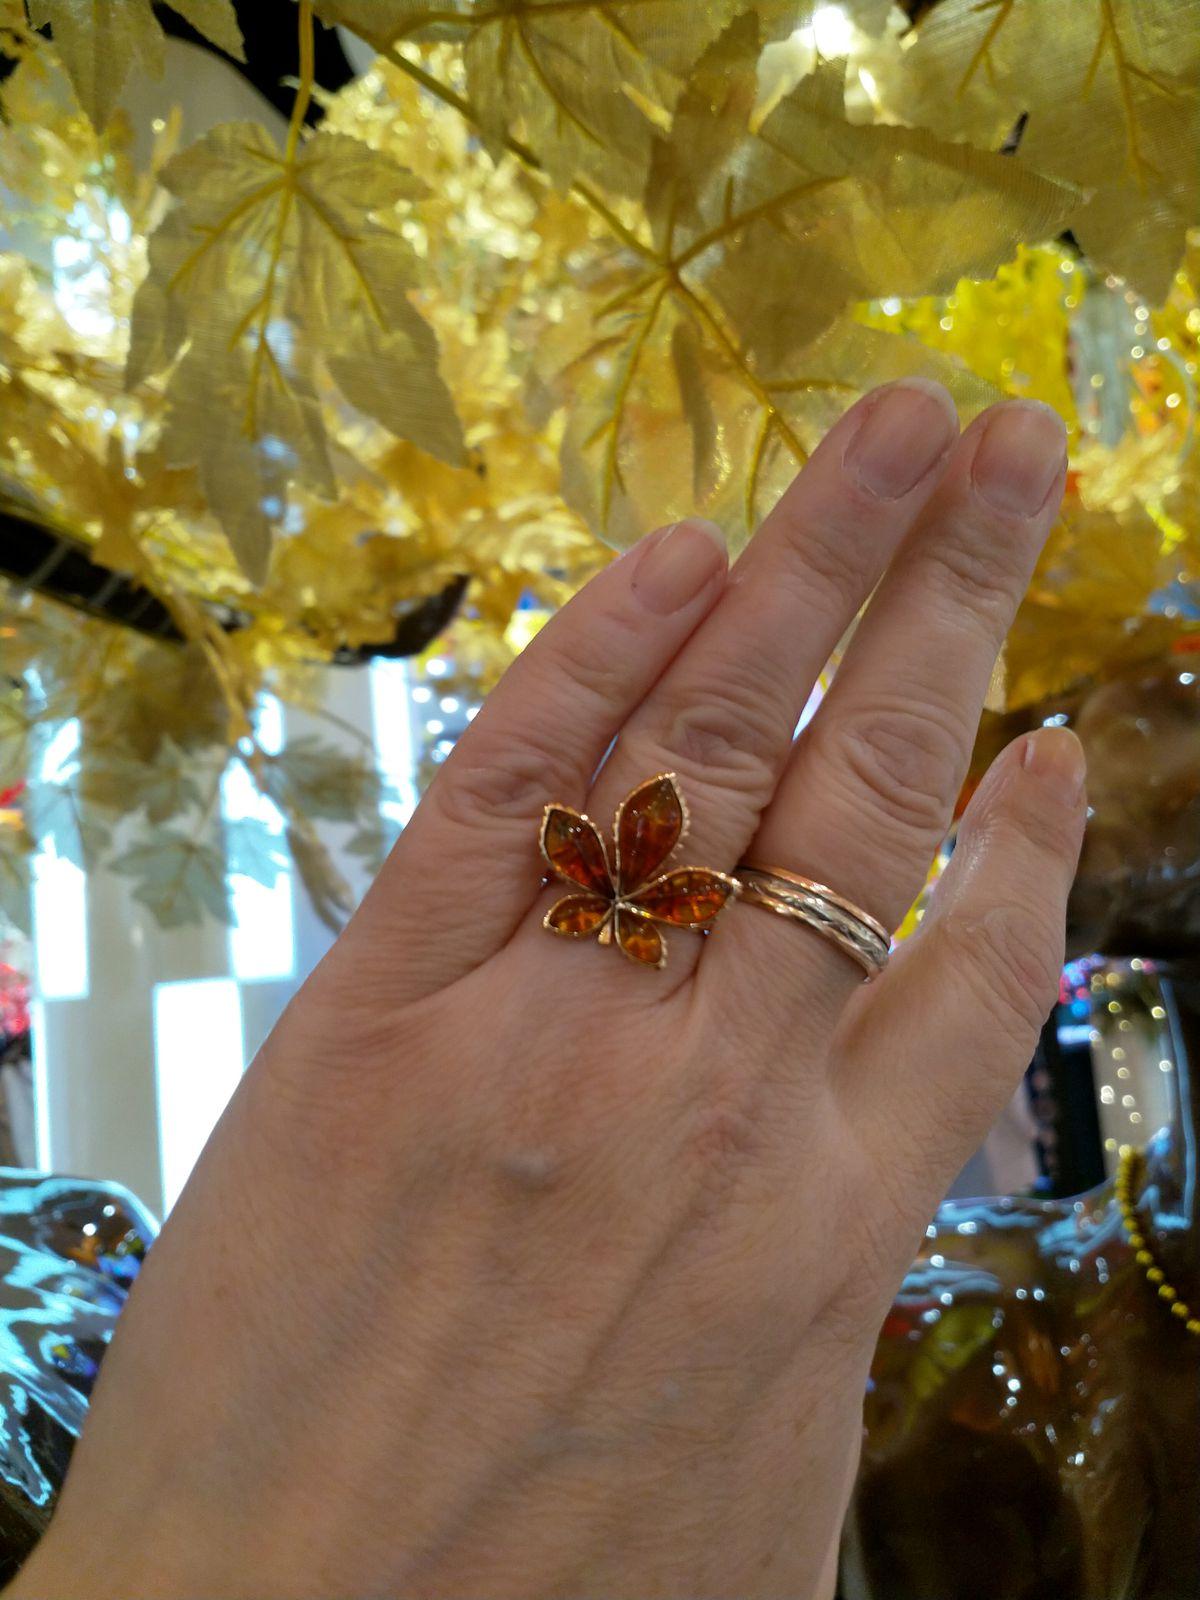 Колечко, колечко кольцо, солнечное, привлекательное оно. )